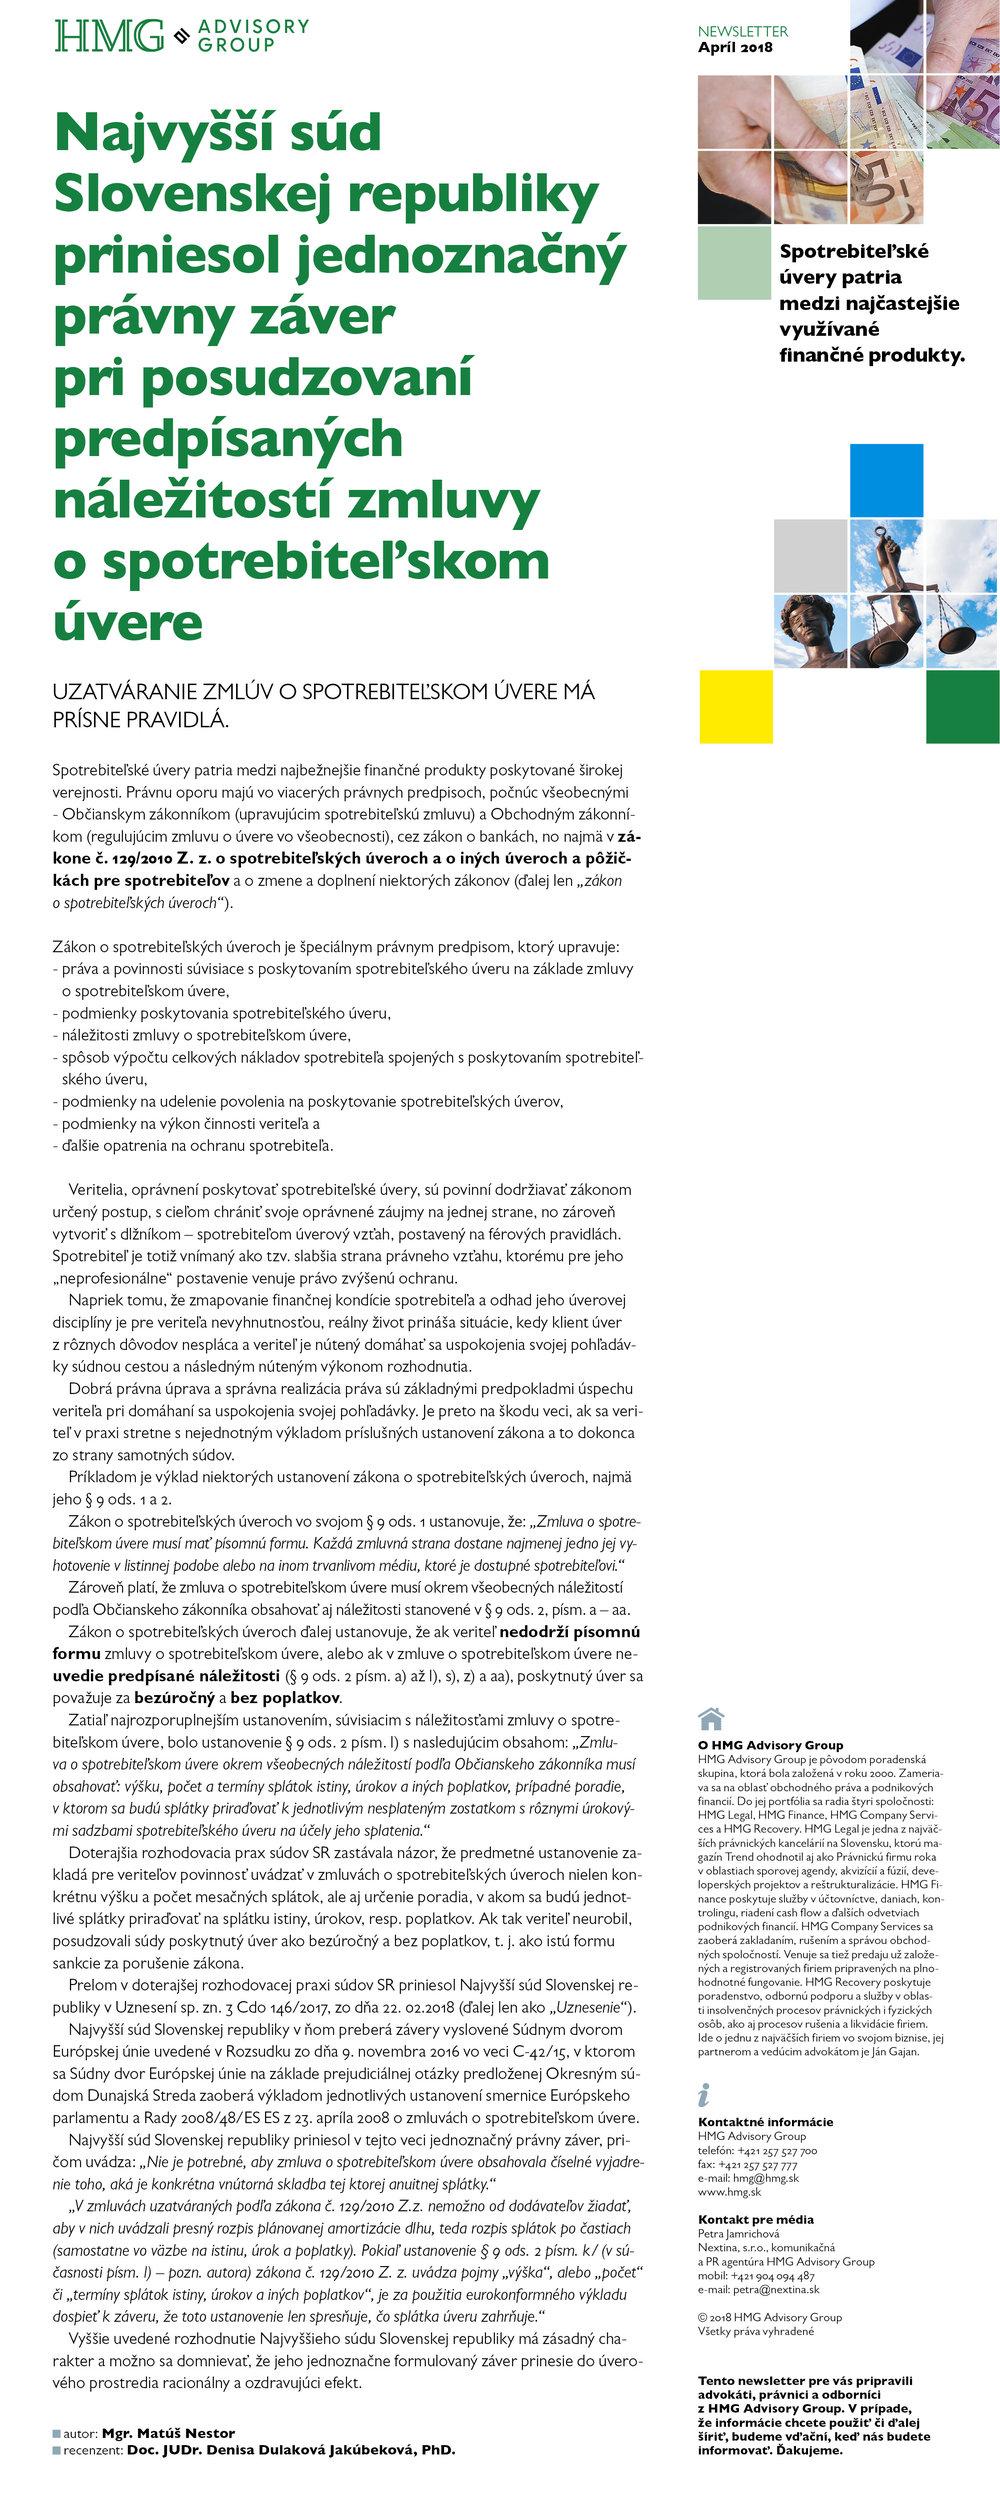 HMG_newsletter_spotrebitelsky uver.jpg